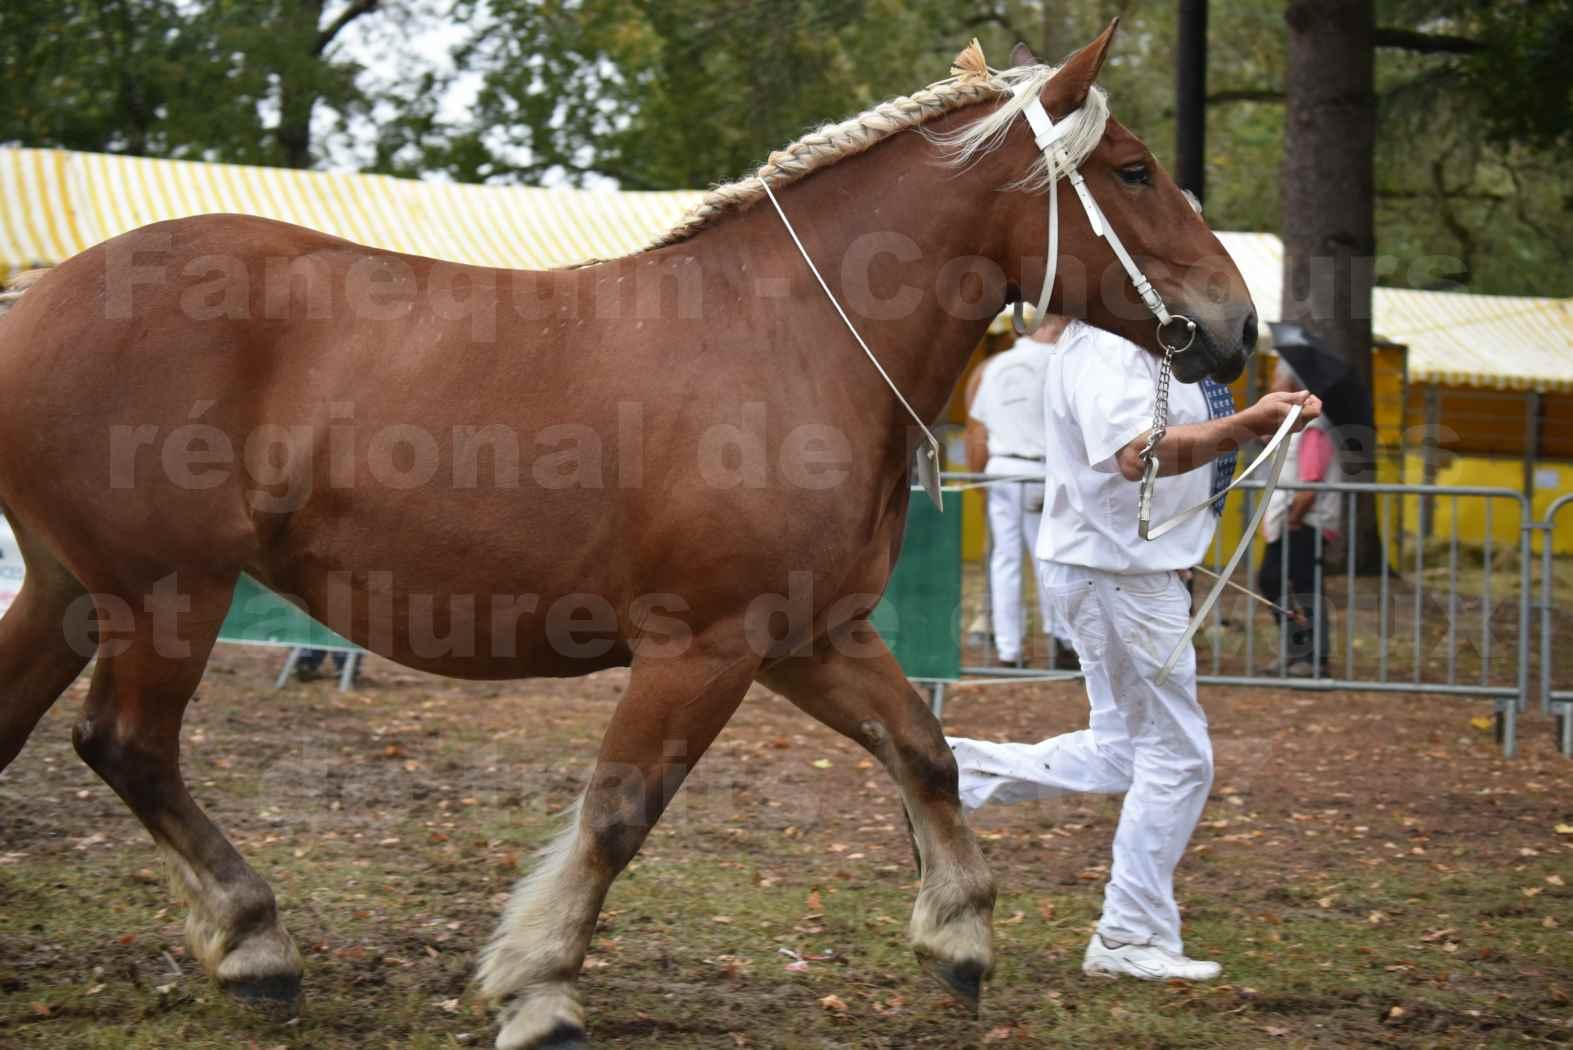 Concours Régional de chevaux de traits en 2017 - Trait COMTOIS - ELLIA DE FENEYROLS - 36